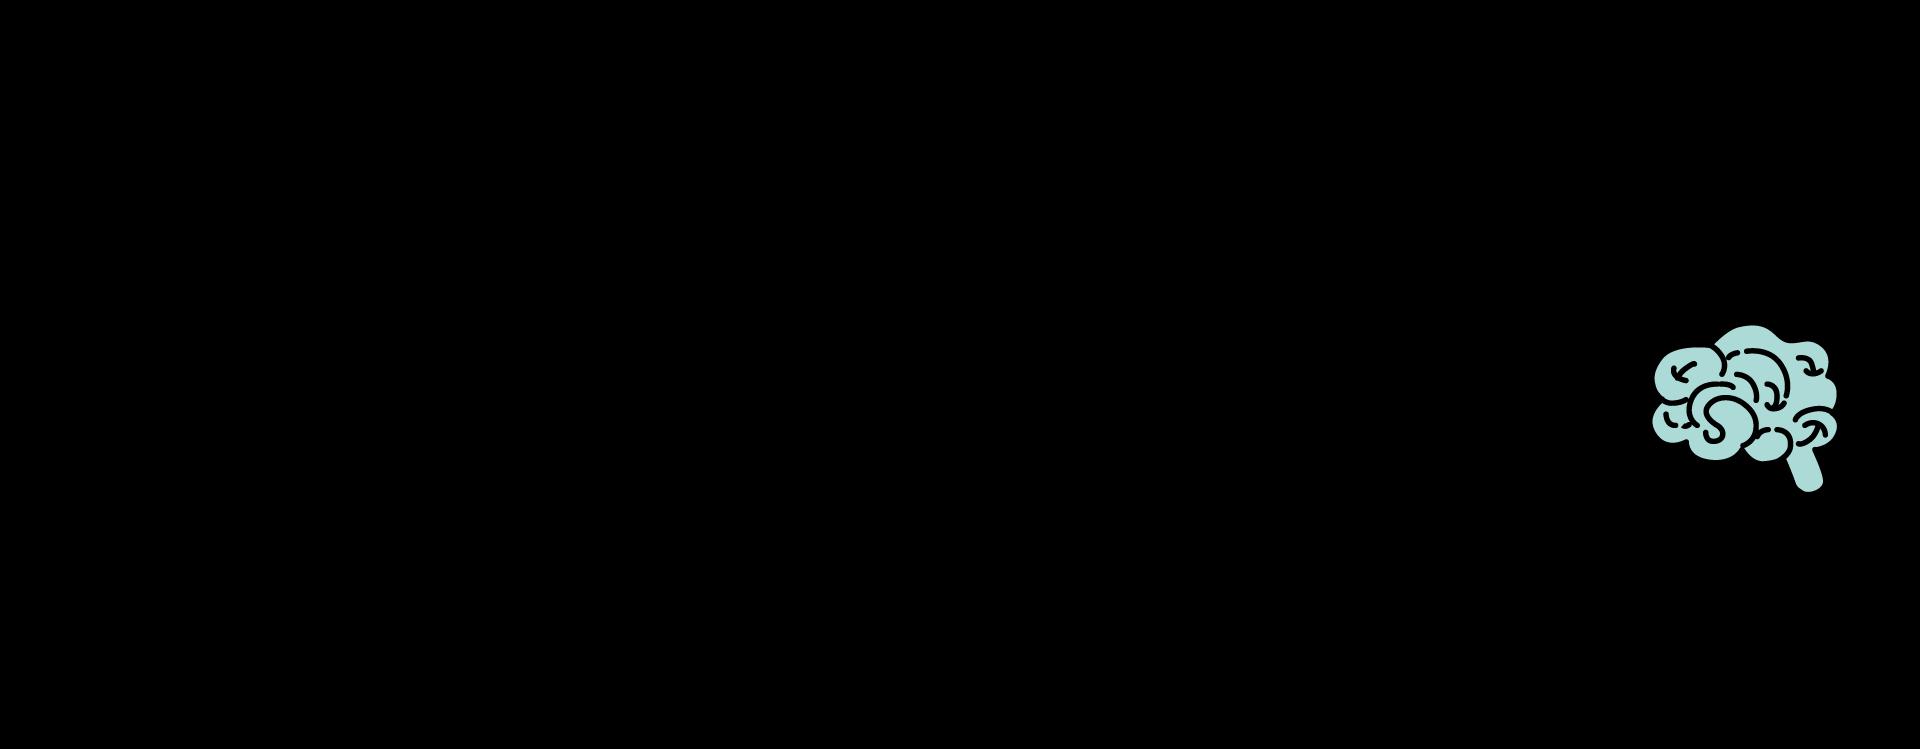 ネオブレイクスルー